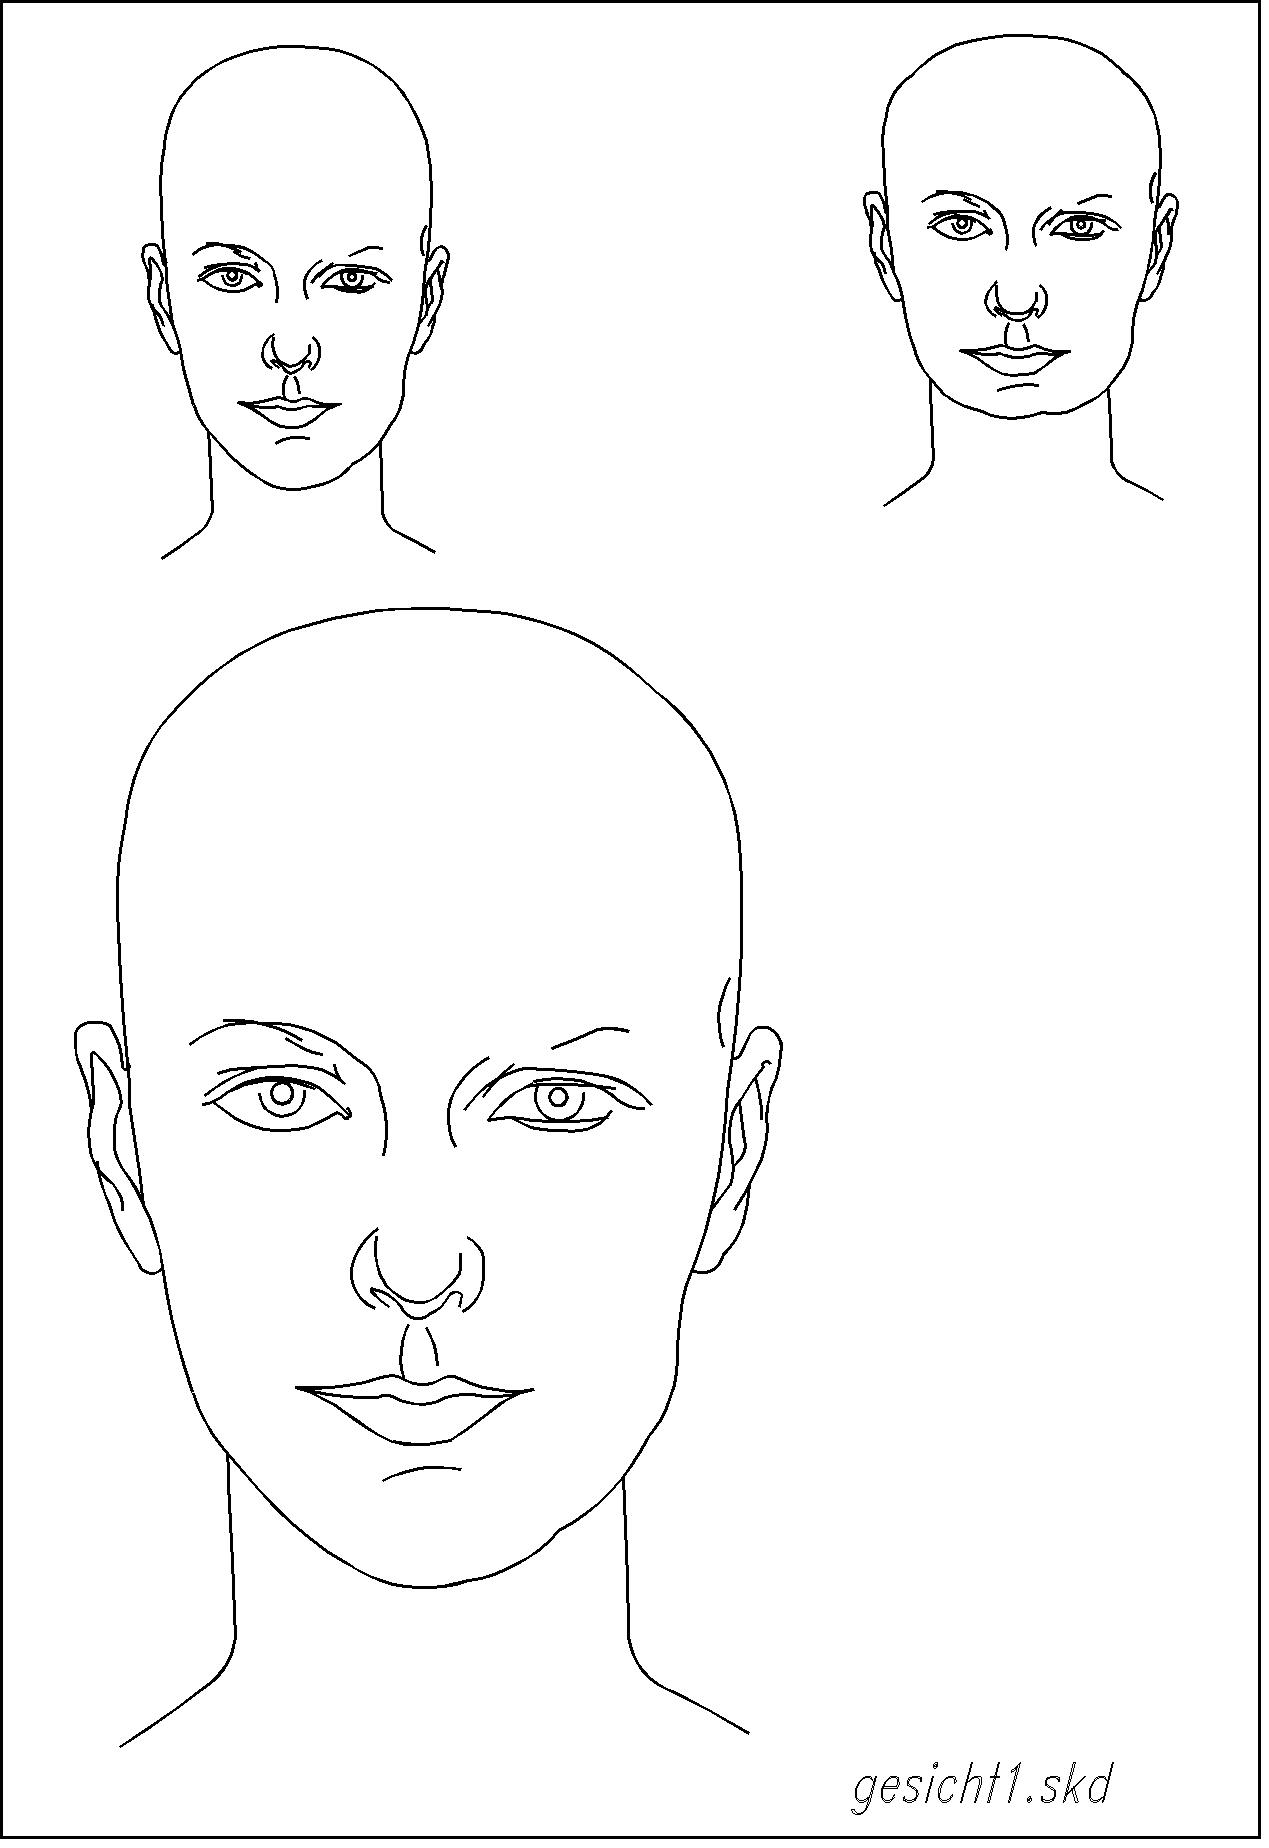 Topmodel Ausmalbilder Gesicht : Gro Z Gig Gesicht Malen Vorlagen Fotos Beispiel Business